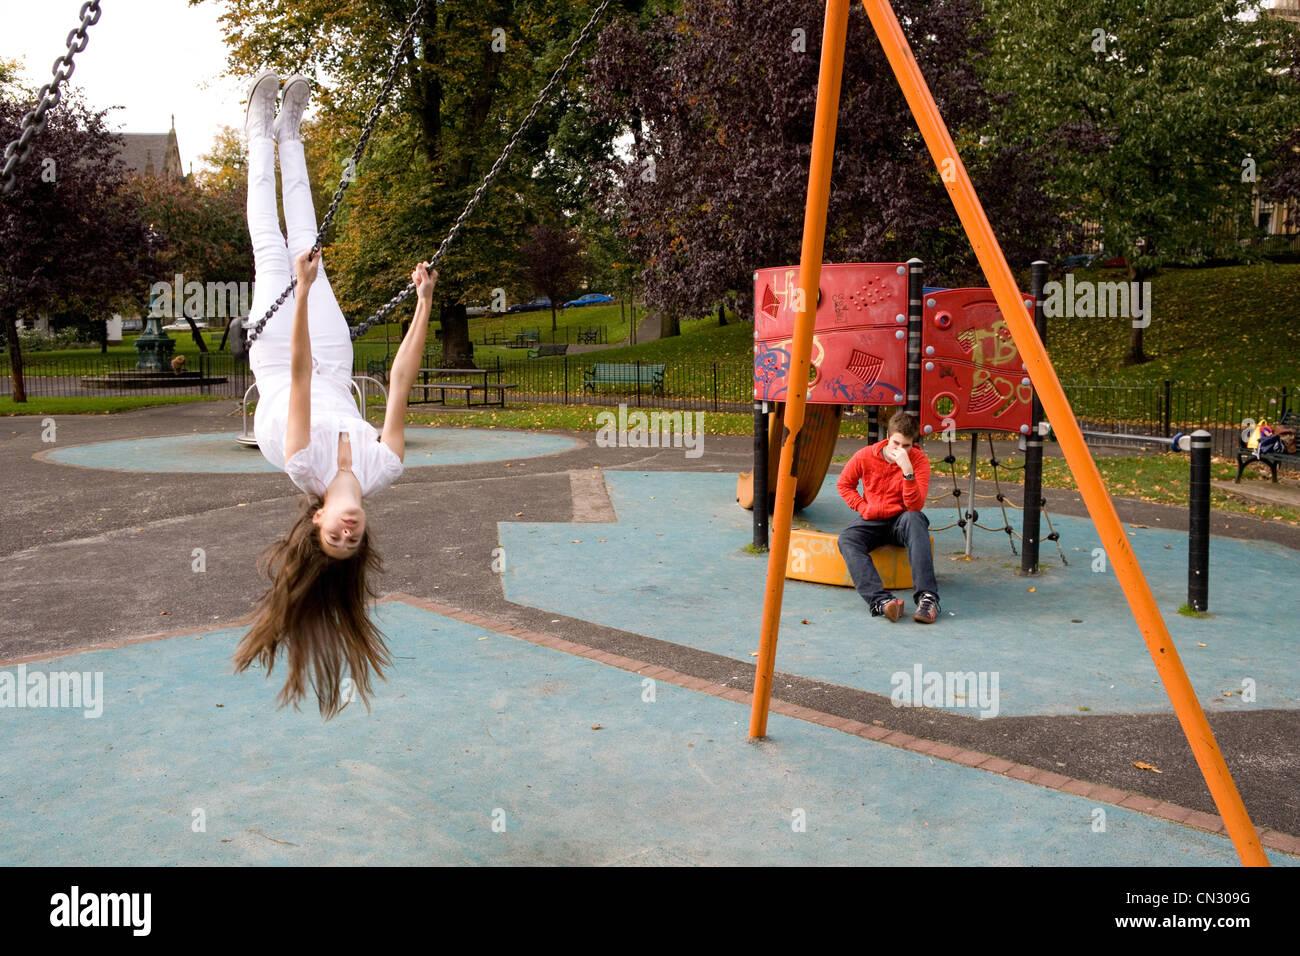 Ragazza adolescente su altalena nel parco giochi, capovolto Foto Stock